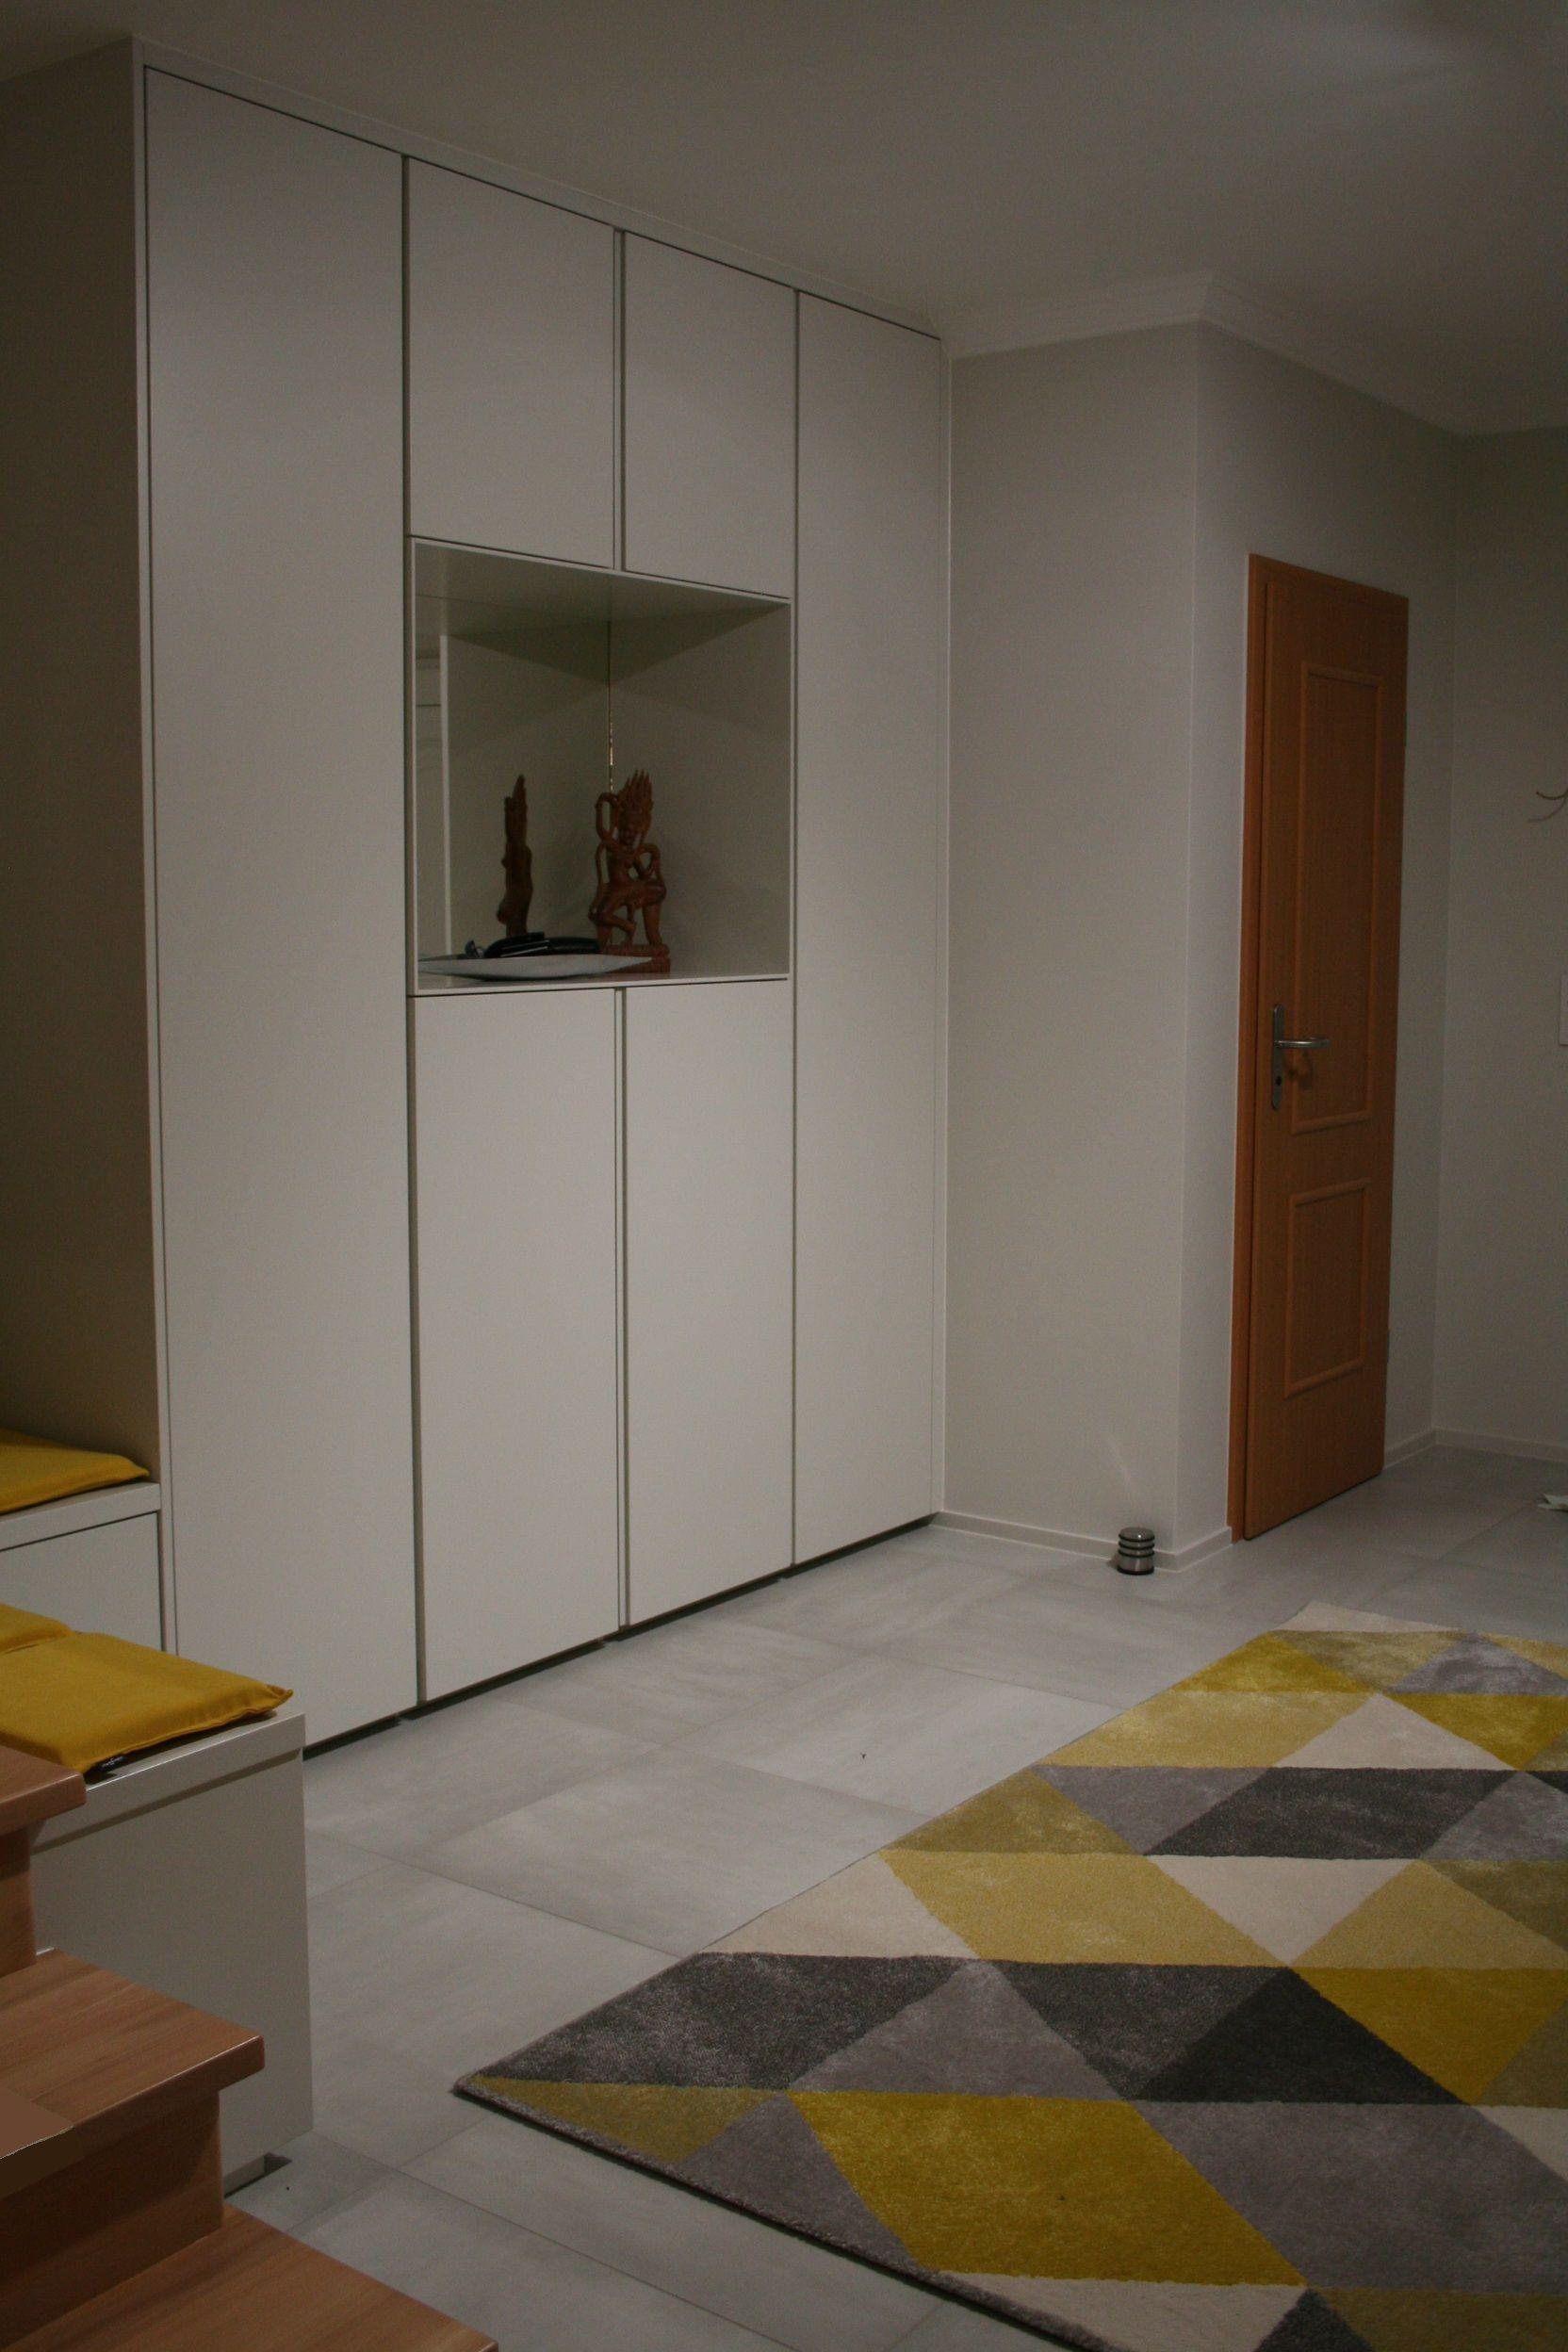 Luxembourg Rangement Hall Entree Contemporain Couleur Laque Agencement Design Bygconcept Rangement Design Hall